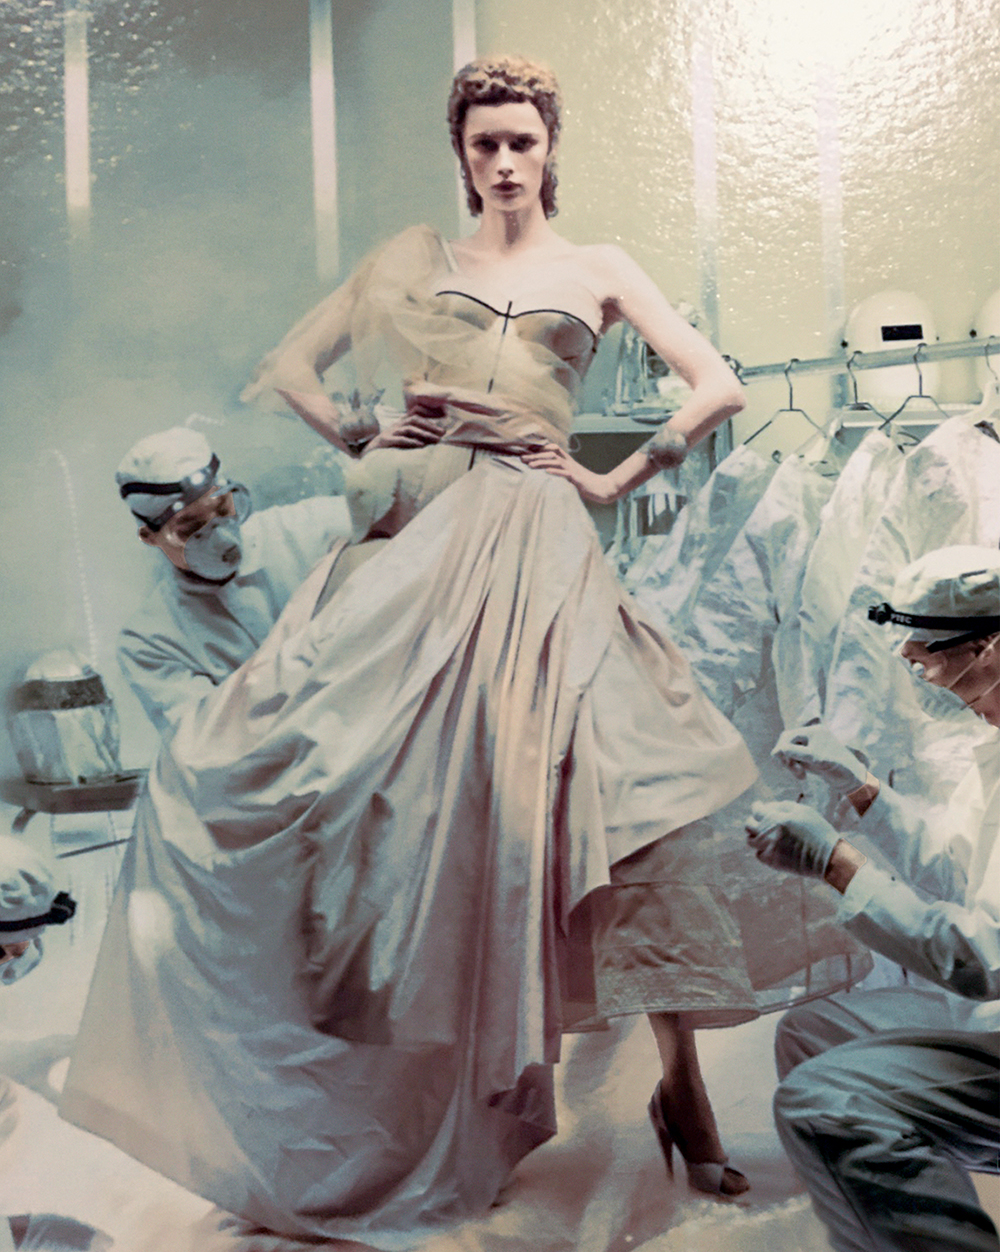 Rianne Van Rompaey by Steven Meisel (2)